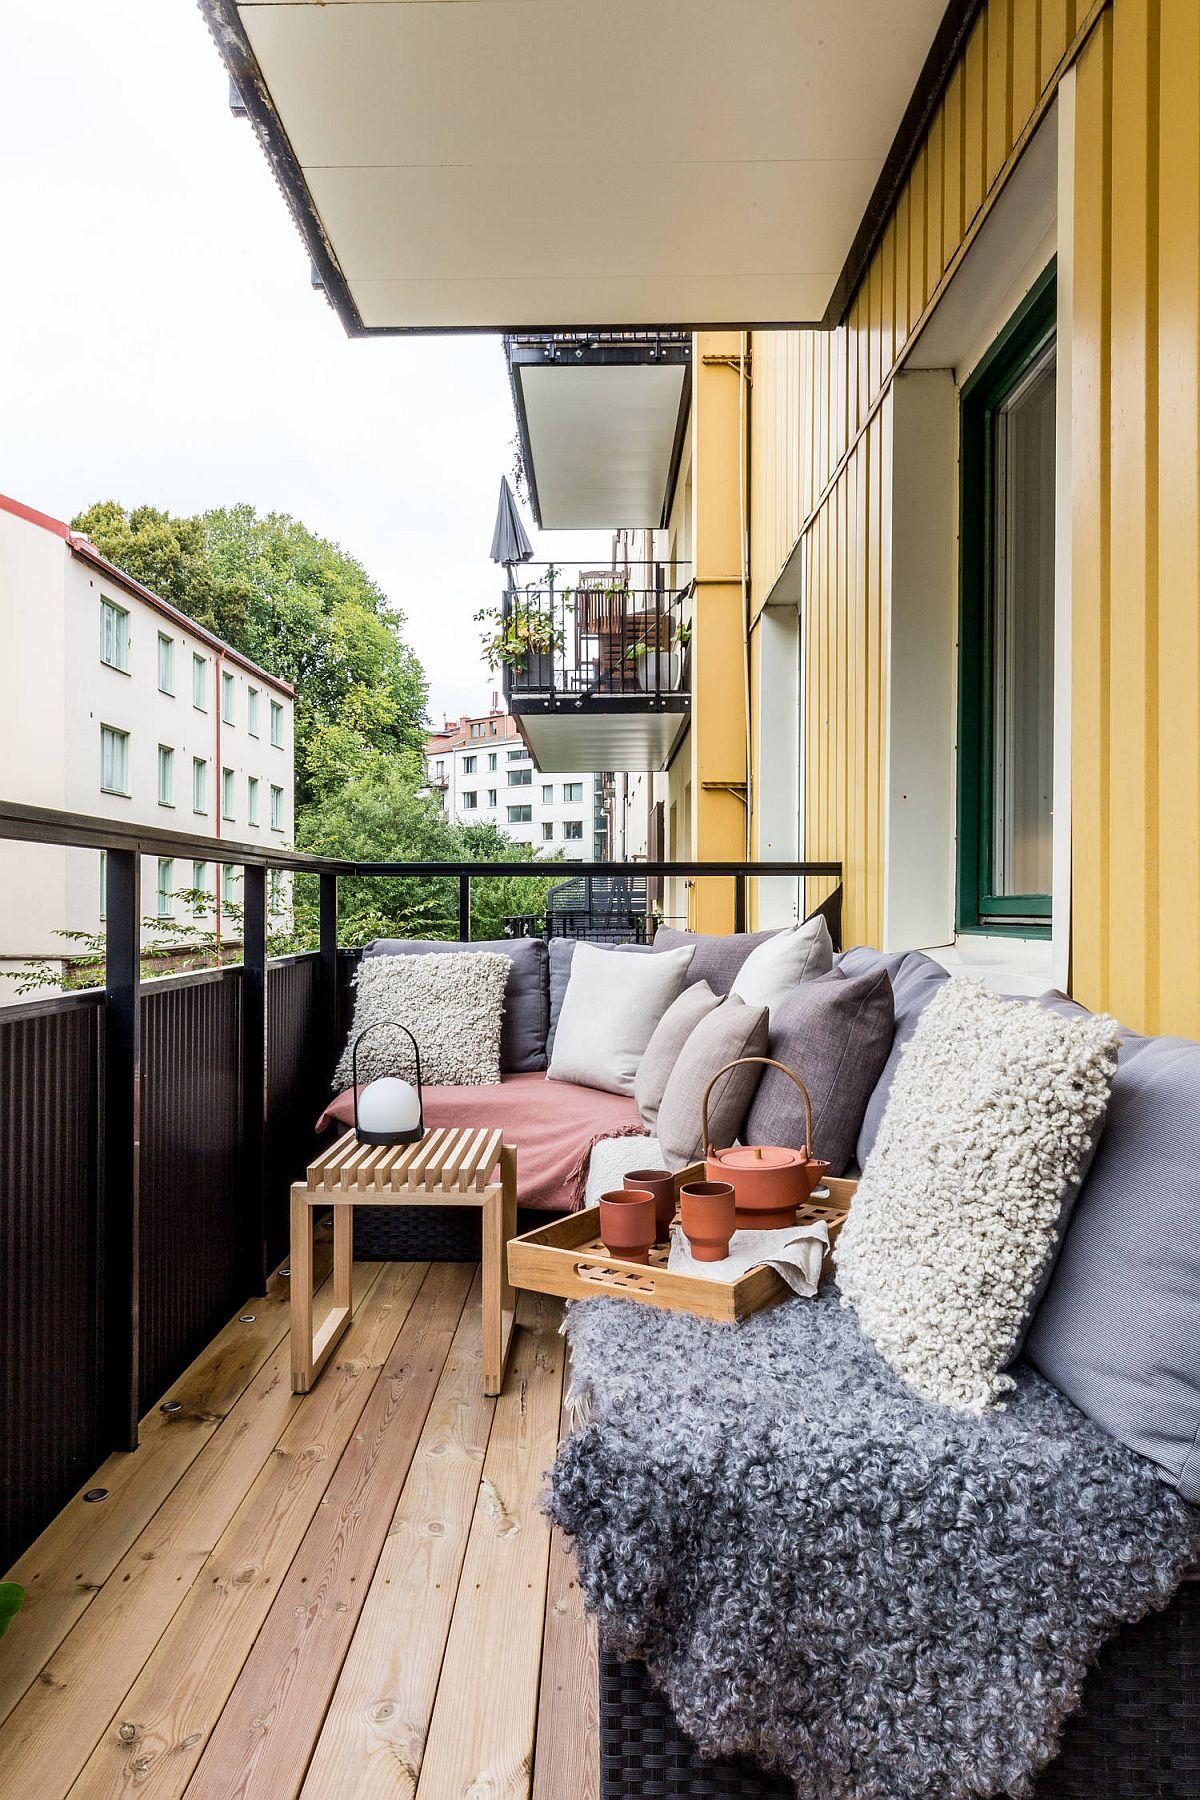 E bine să ții cont și de înălțimea parapetului ferestrei și de cea a balustradei. Când îți amenajezi locul de relaxare pe balcon e bine ca din punct de vedere vizual totul să fie la un nivel ascuns privirilor atât din stradă, cât și din casă. În plus, asta oferă și siguranța că decorațiunile textile vor rămâne în spațiul balconului, chiar dacă dă o rafală de vânt. Deci, când alegi mobila, fii pe fază și la înălțimea ei. O înălțime de 40 cm este acoperitpare (cam cât un taburete).